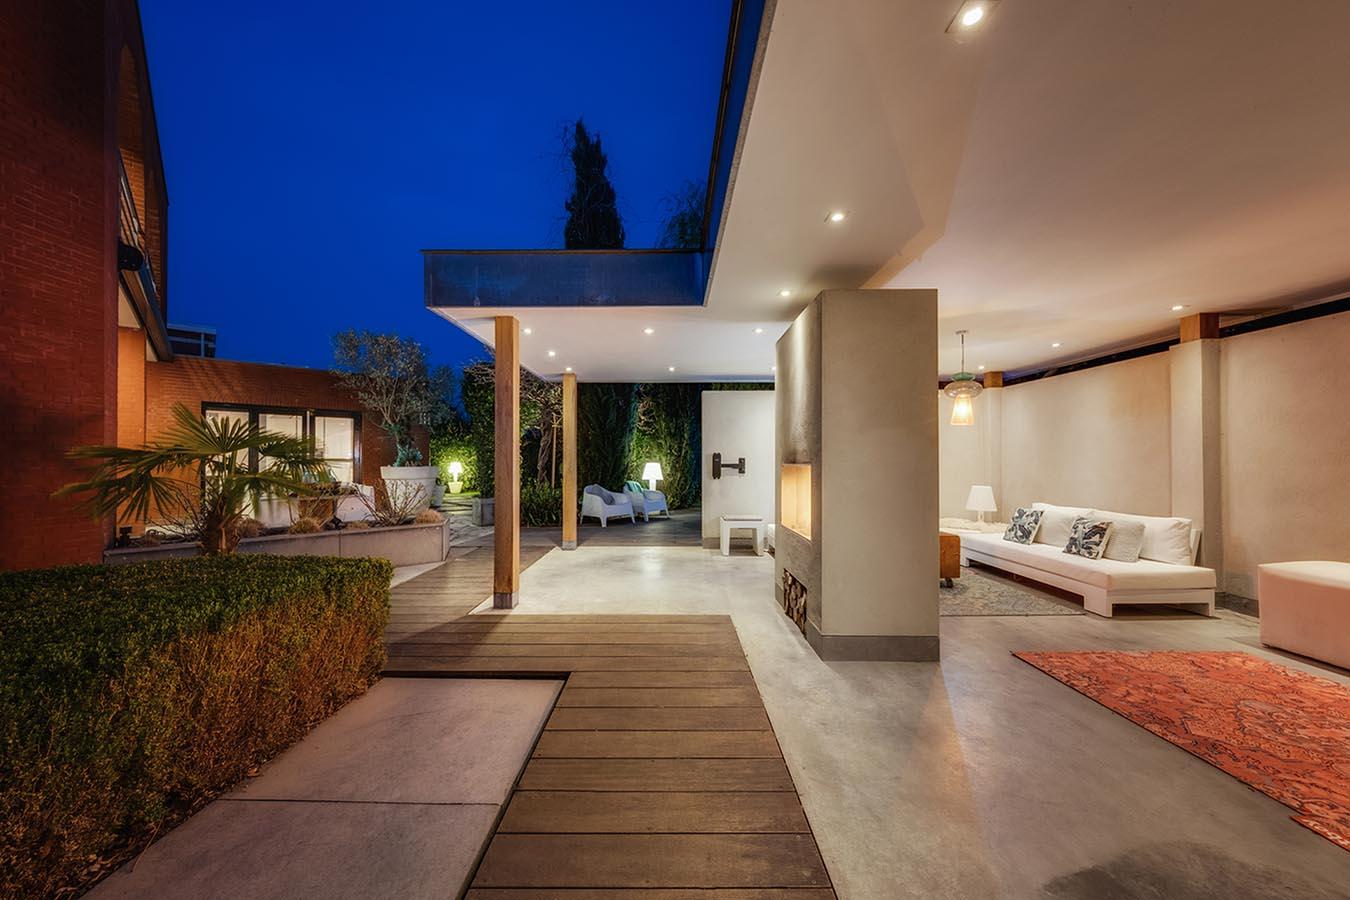 Villa nachtfoto